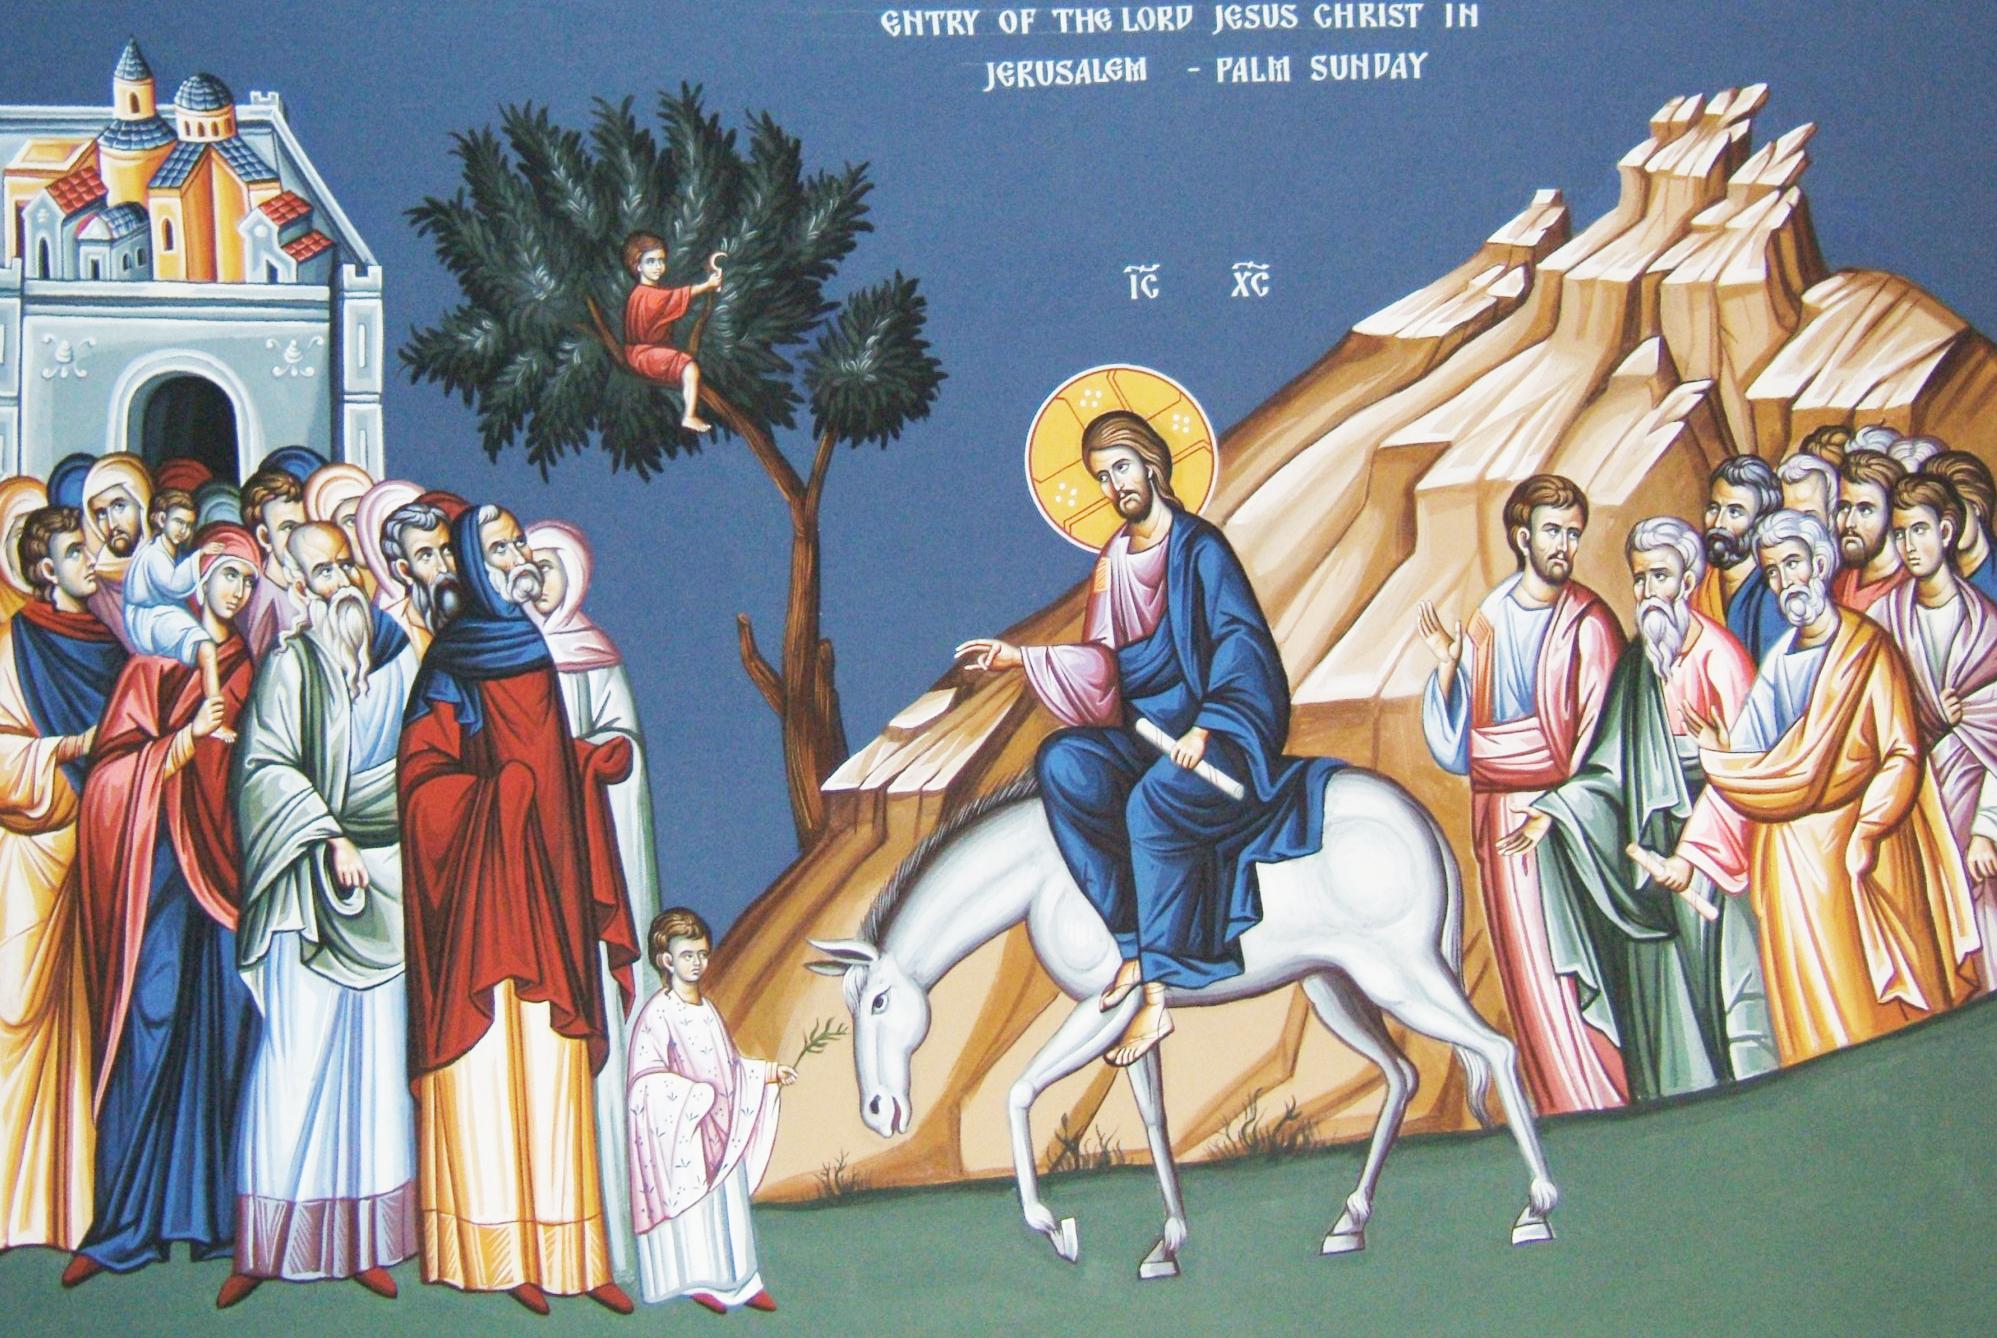 File:Entry of Jesus Christ into Jerusalem.jpg - Wikimedia Commons